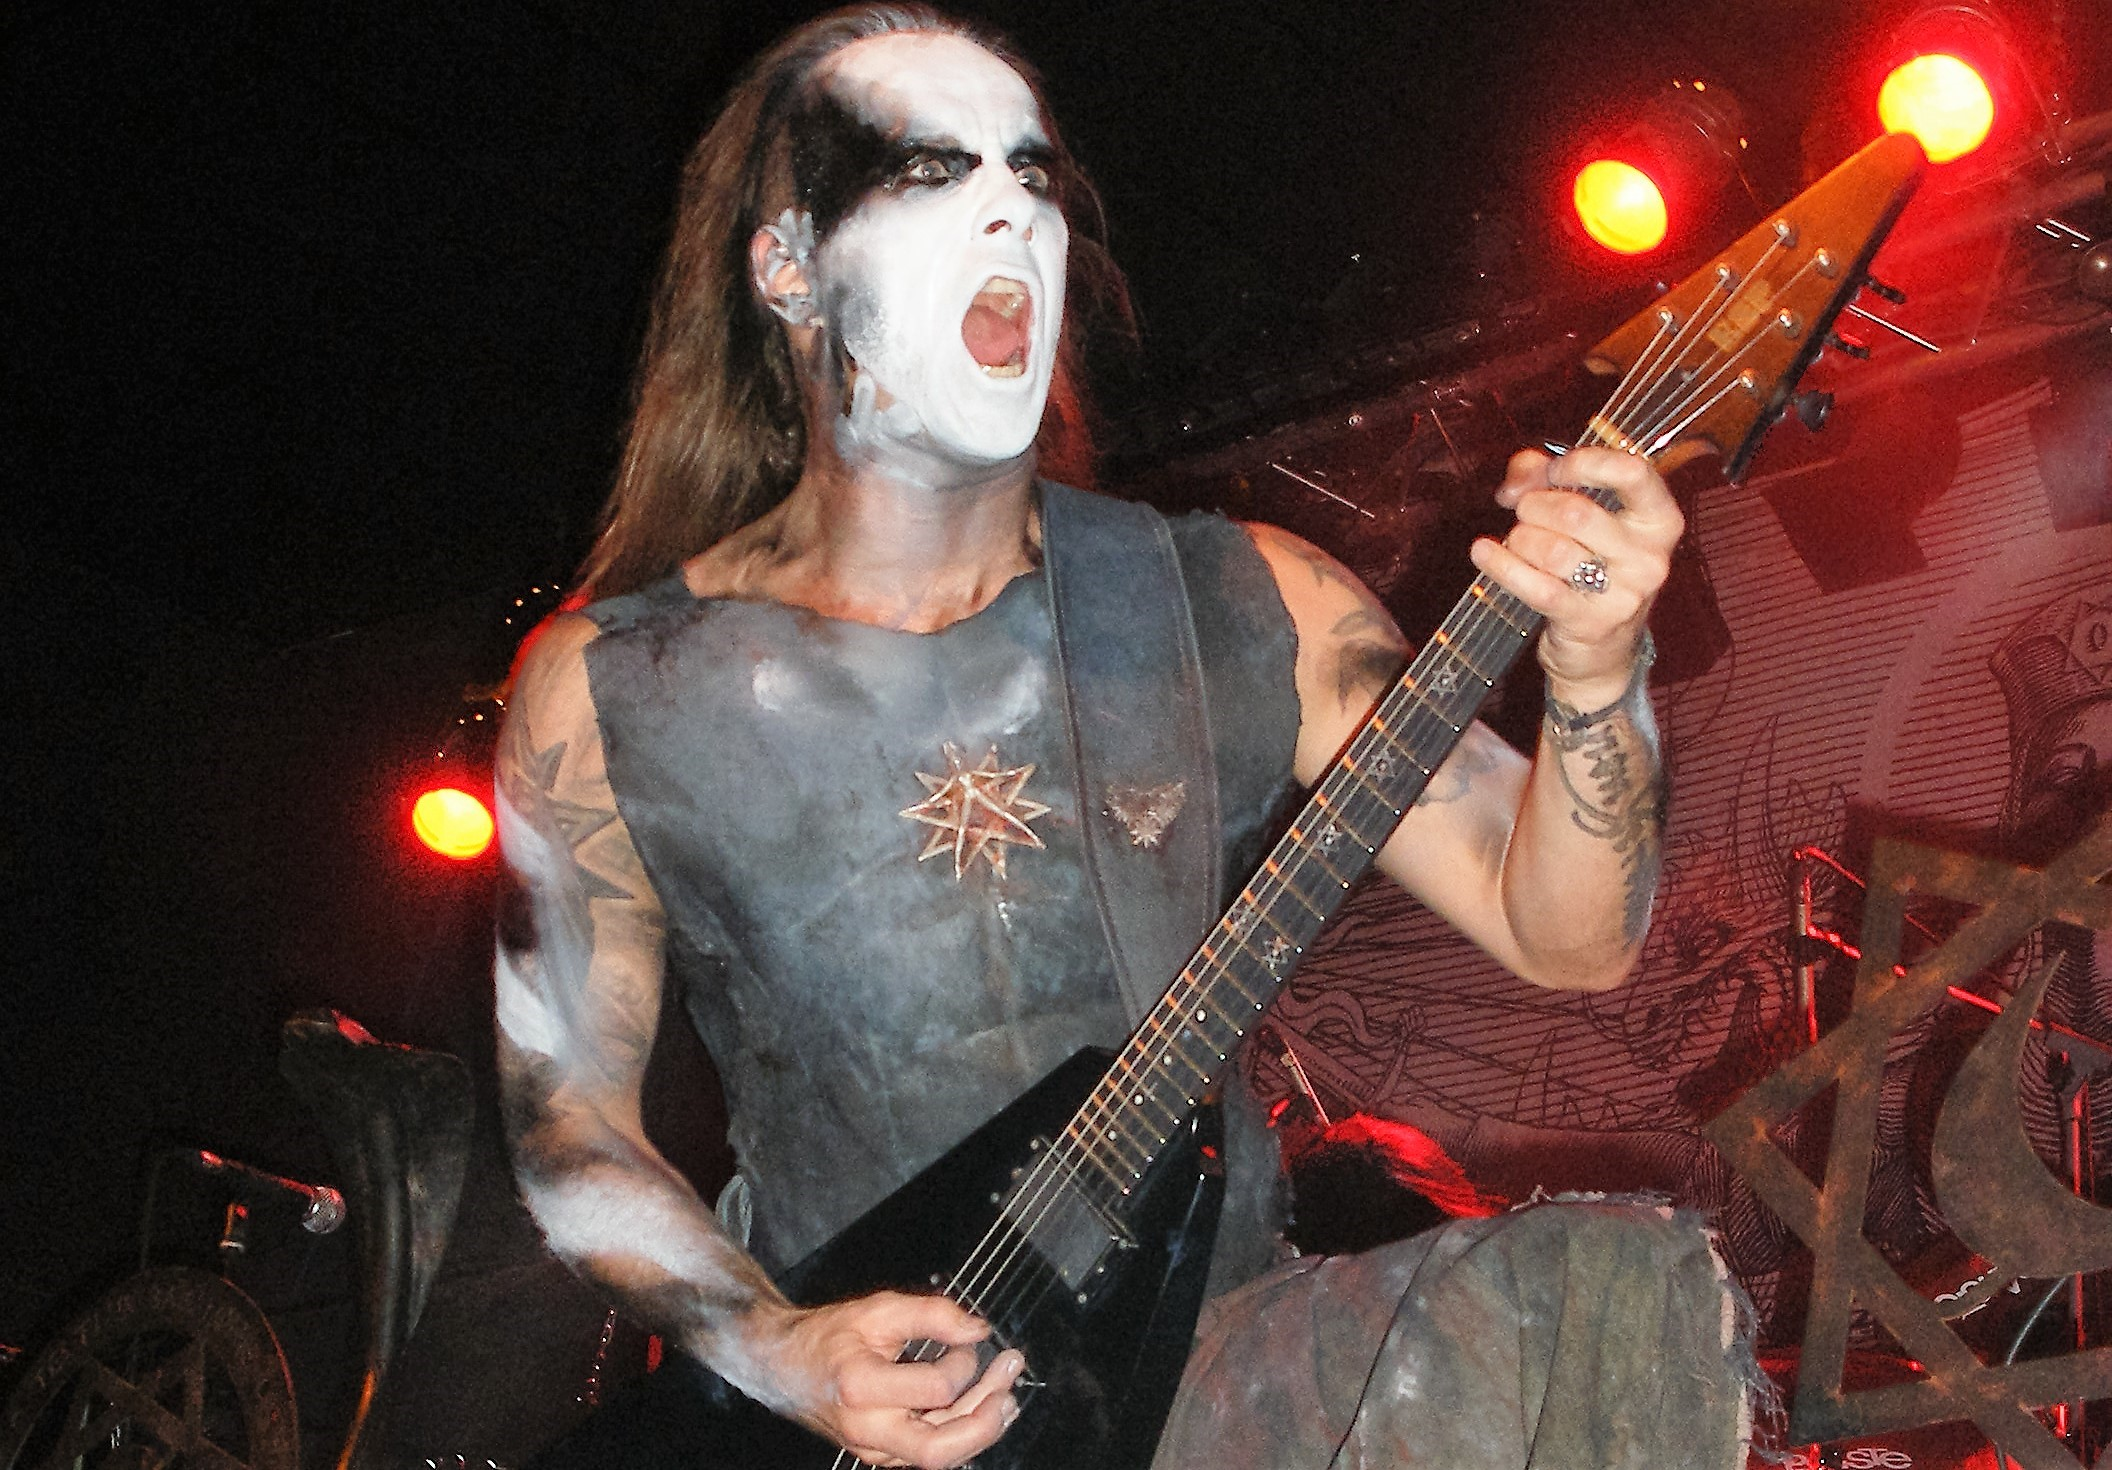 Crónica concierto Behemoth (27-10-2016) Razzmatazz 1- Barcelona